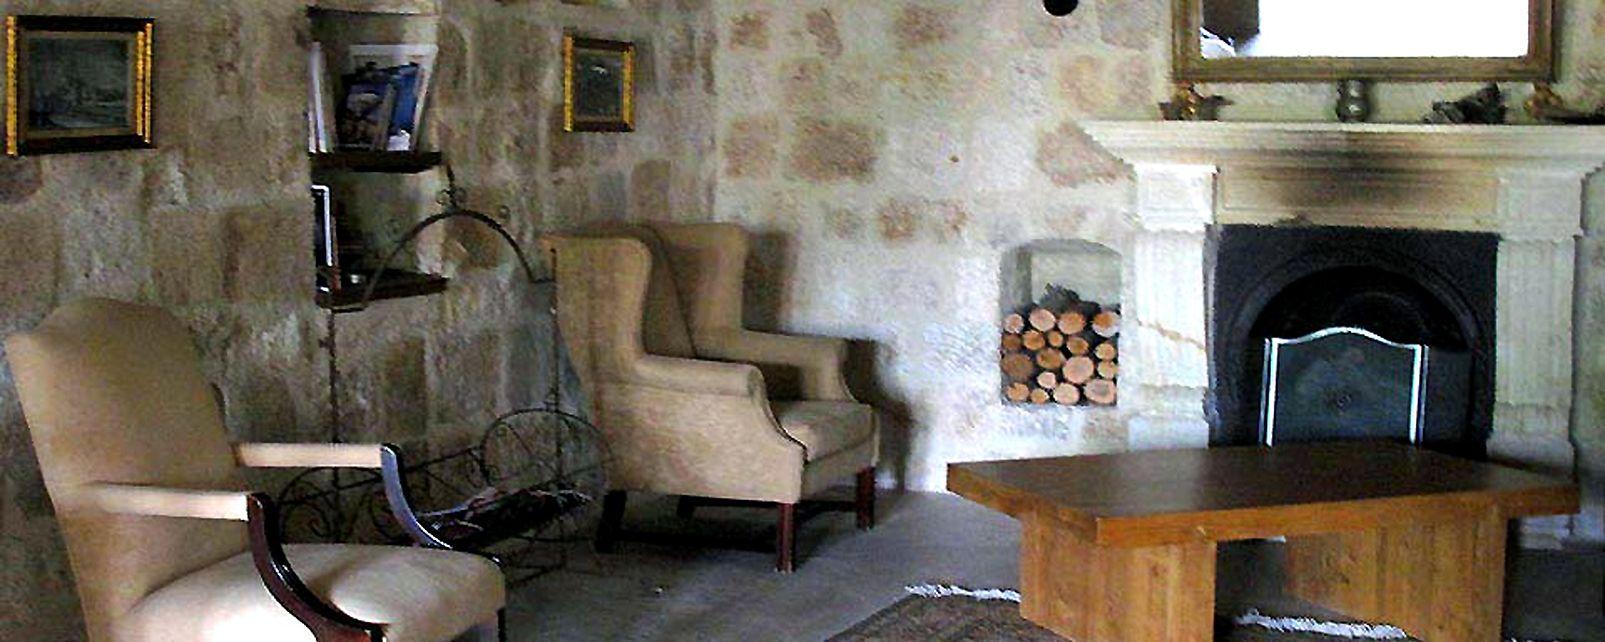 Hôtel Fresco Cave Suites Mansions